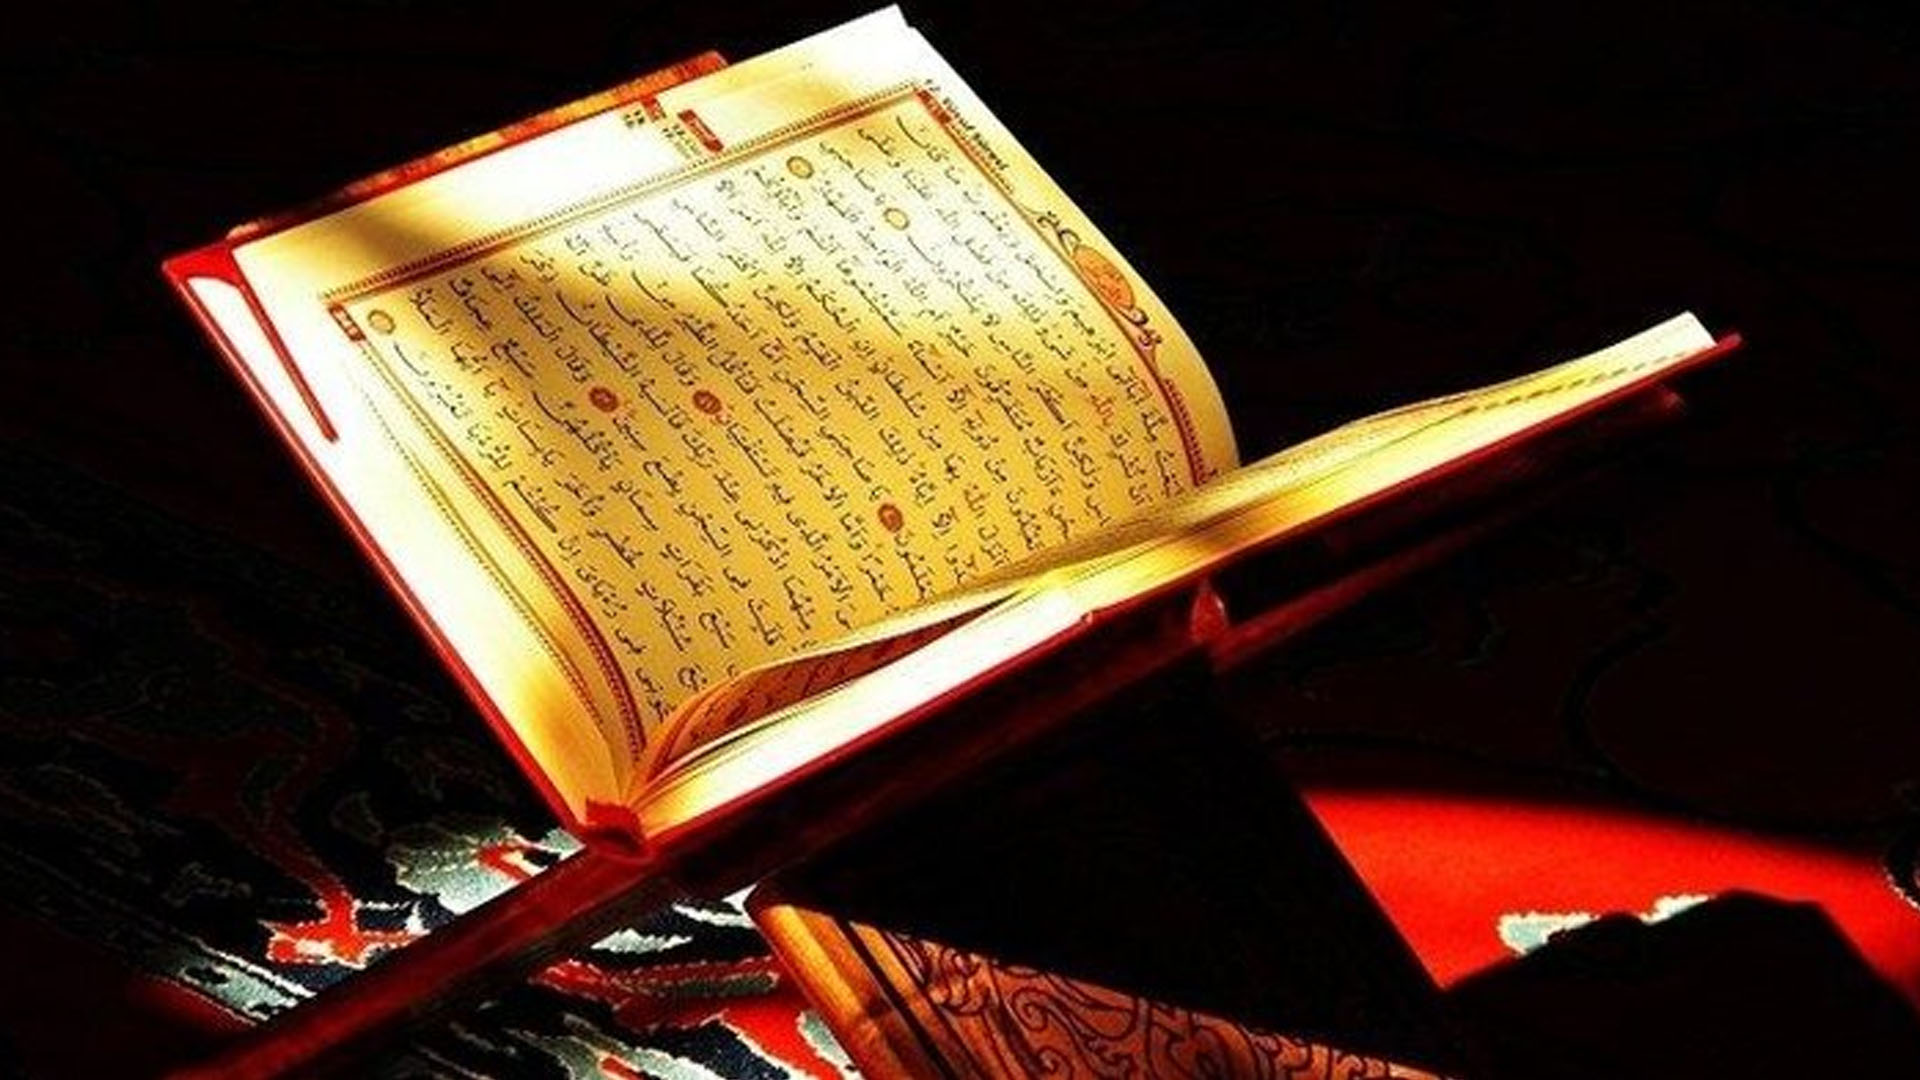 Günün Ayeti, Hadisi ve Sözü